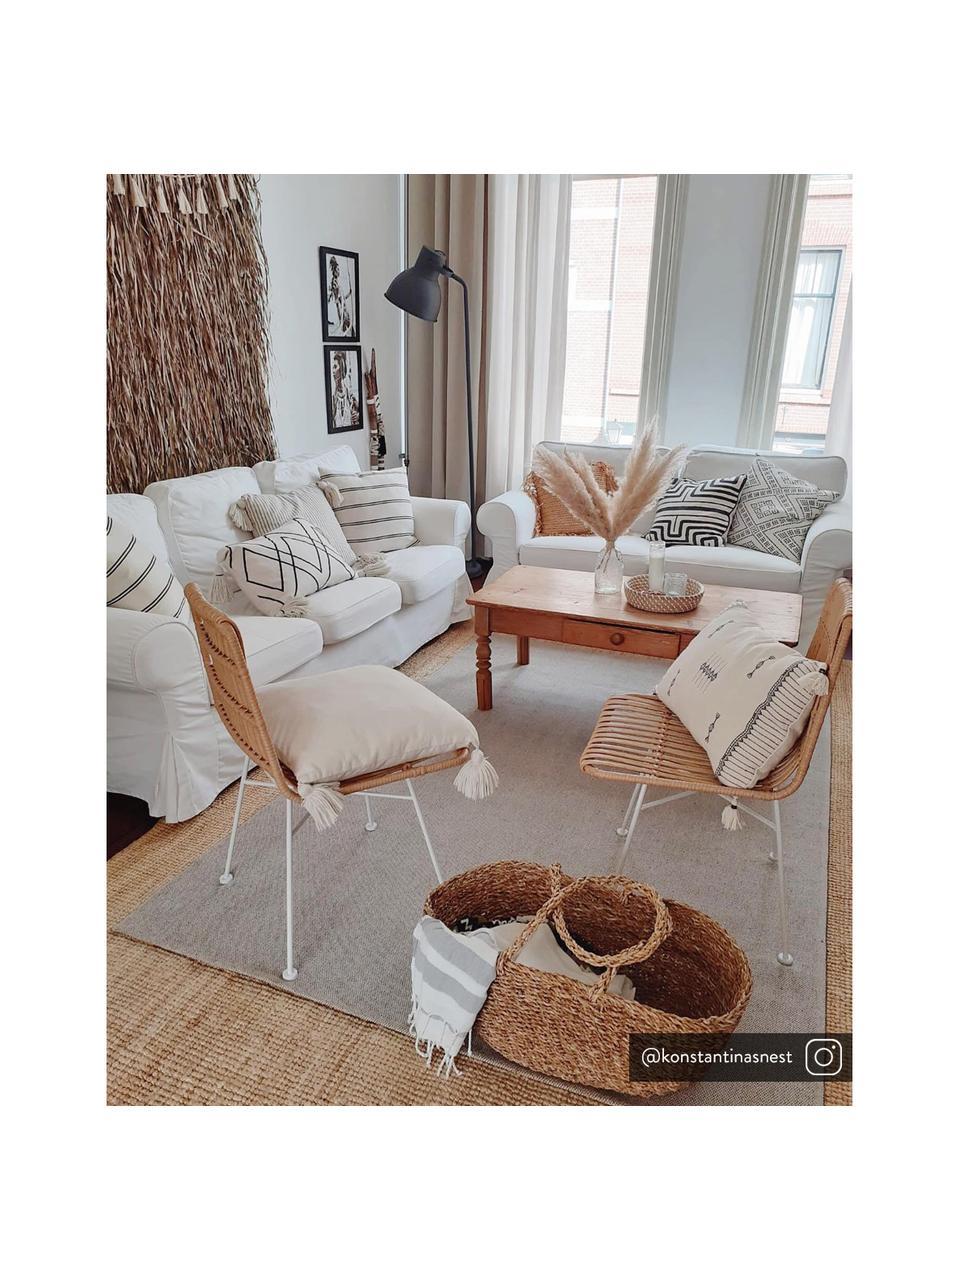 Polyrotan stoelen Costa, 2 stuks, Zitvlak: polyethyleen-vlechtwerk, Frame: gepoedercoat metaal, Lichtbruin, wit, B 47 x D 61 cm